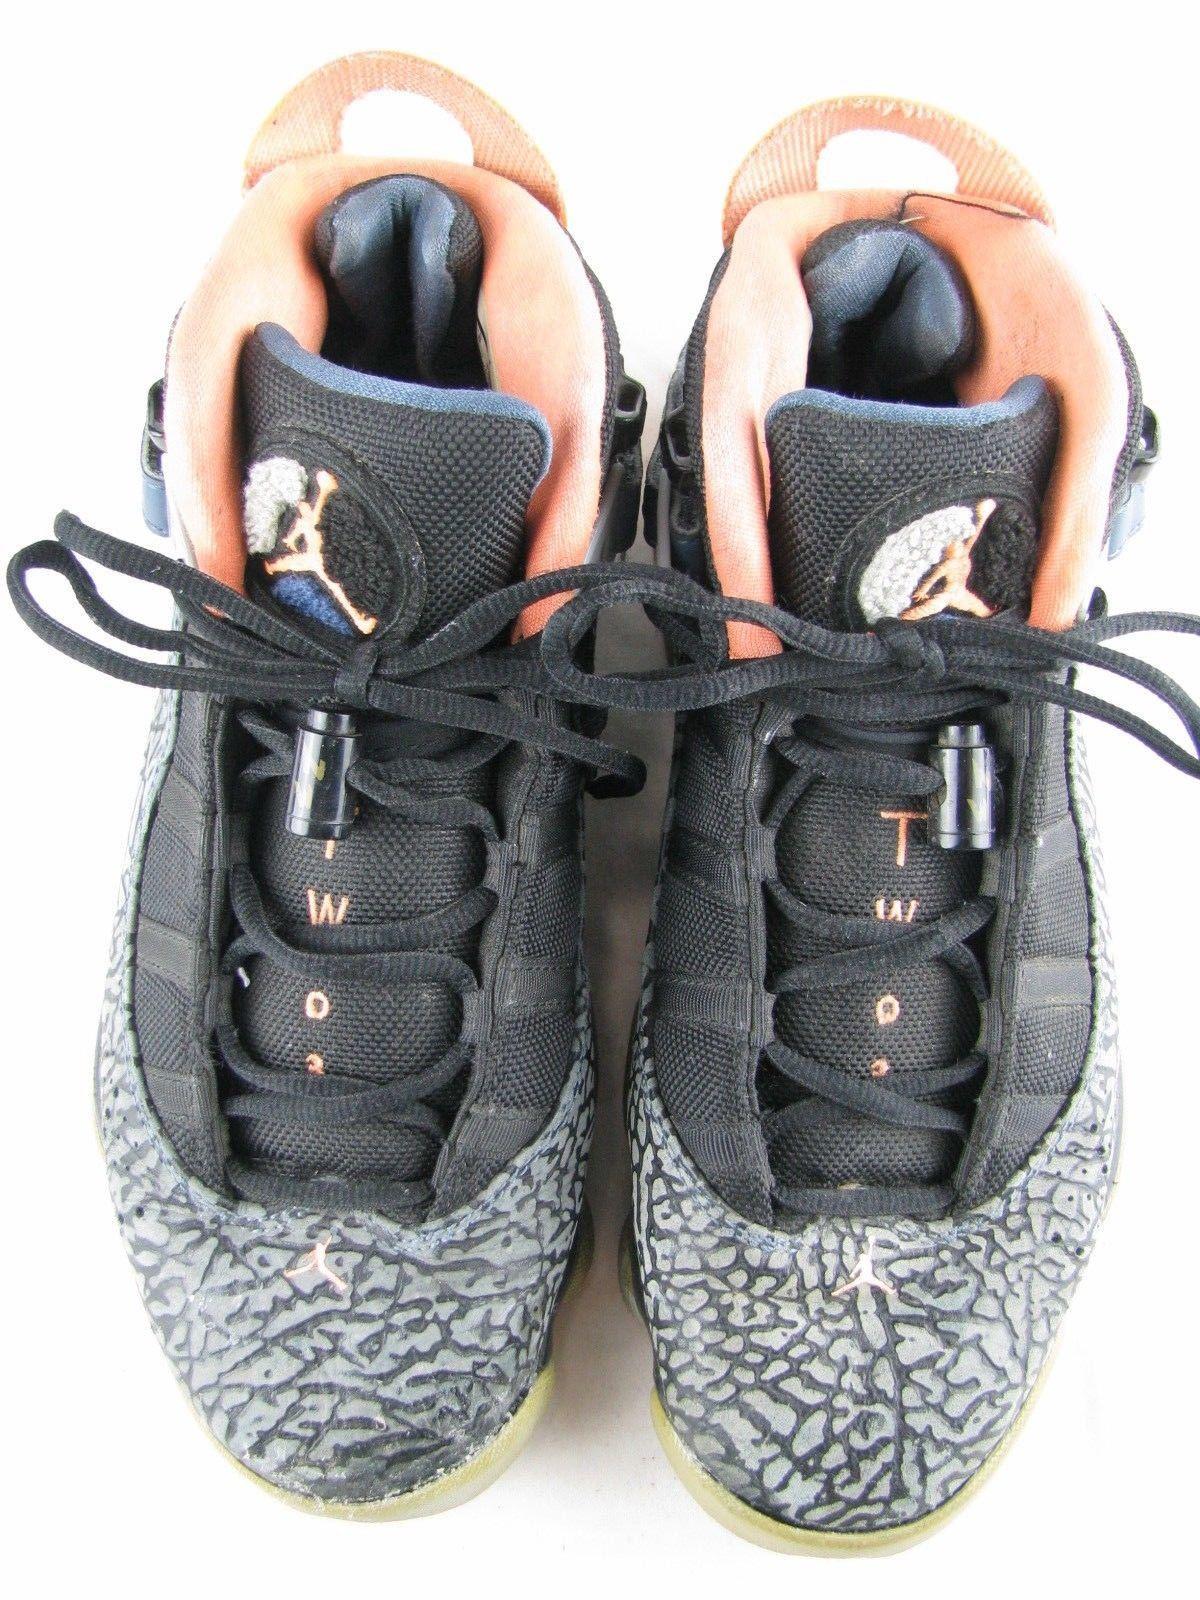 566acf8682bcf7 Nike Air Jordan 6 Rings Black Atomic Orange Wolf Grey 322992-025 Mens Size 8